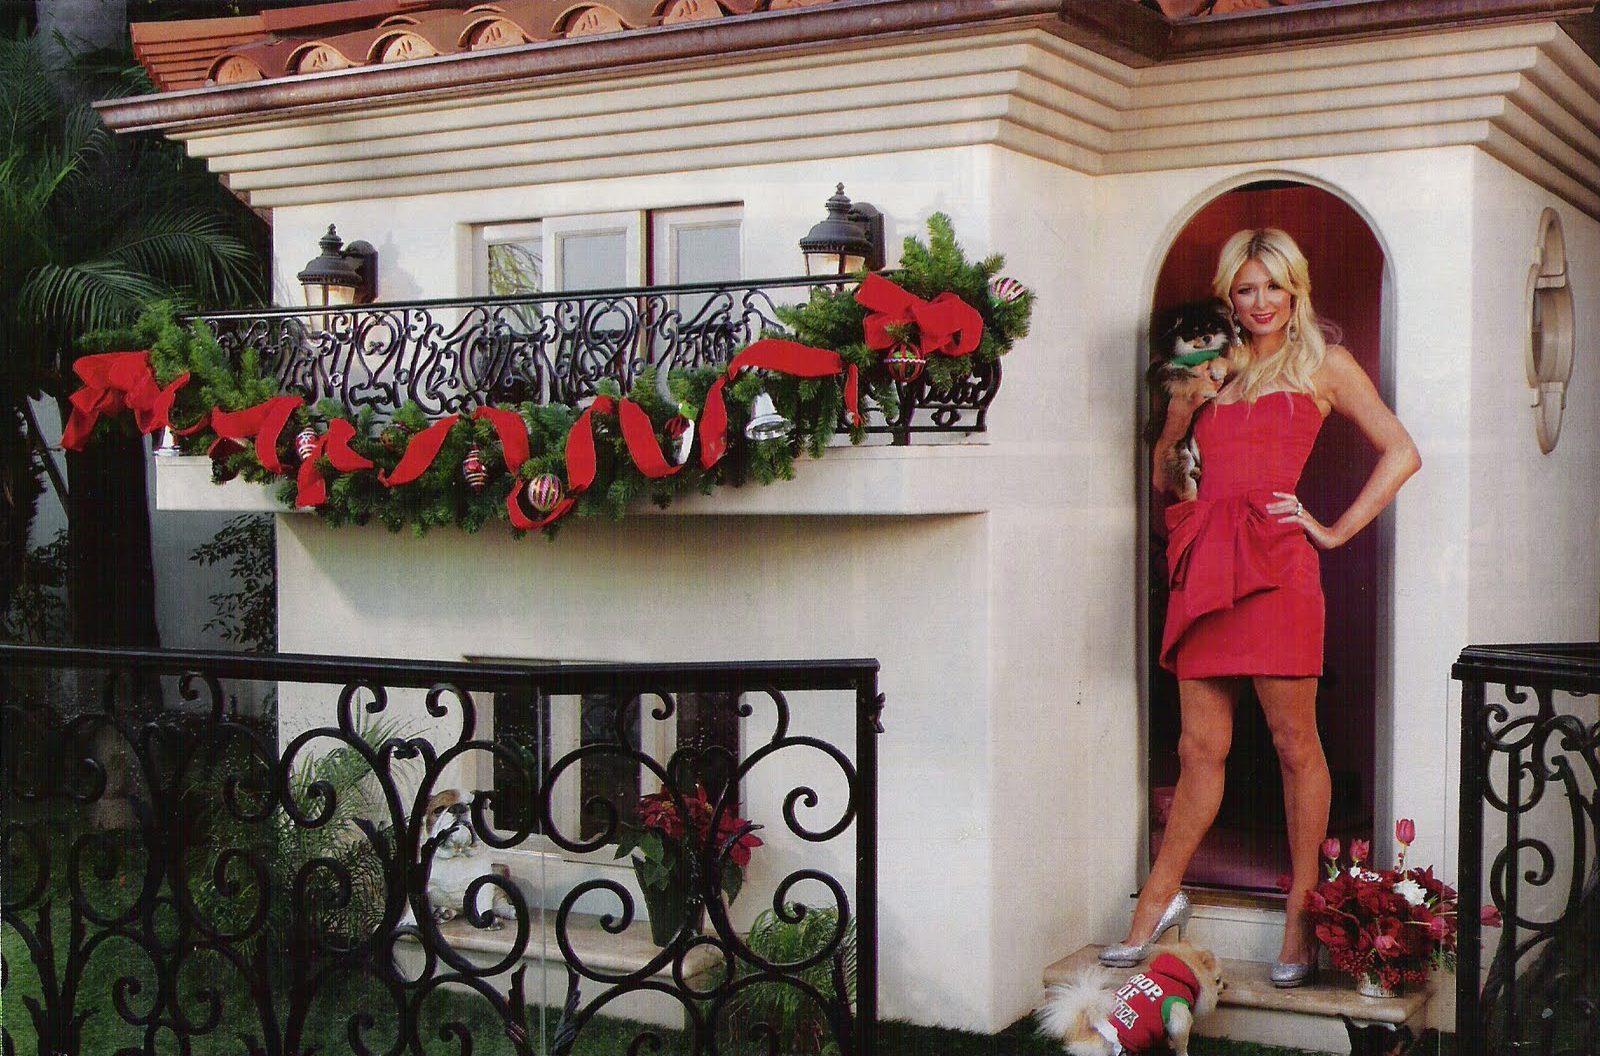 Paris Hilton e a mansão de seus cachorros